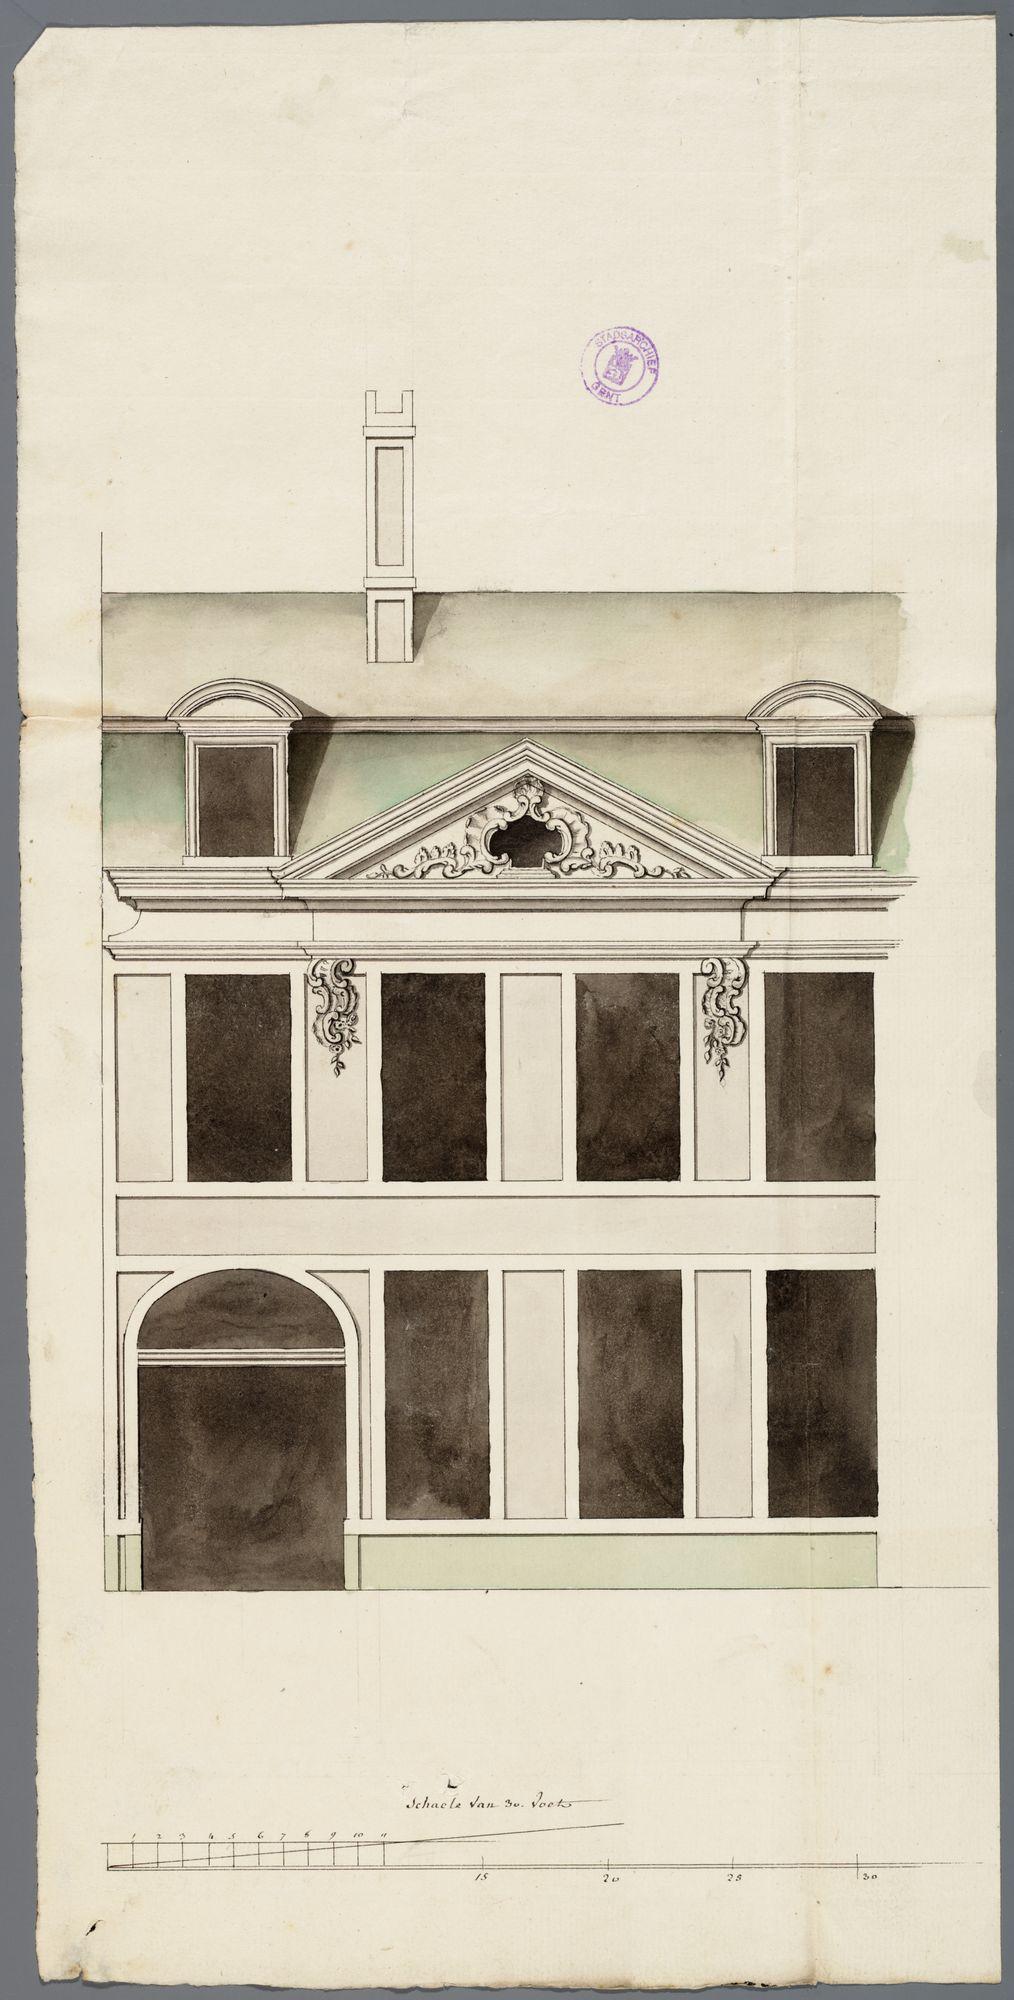 Gent: Sint-Pietersnieuwstraat, 1770: opstand gevel